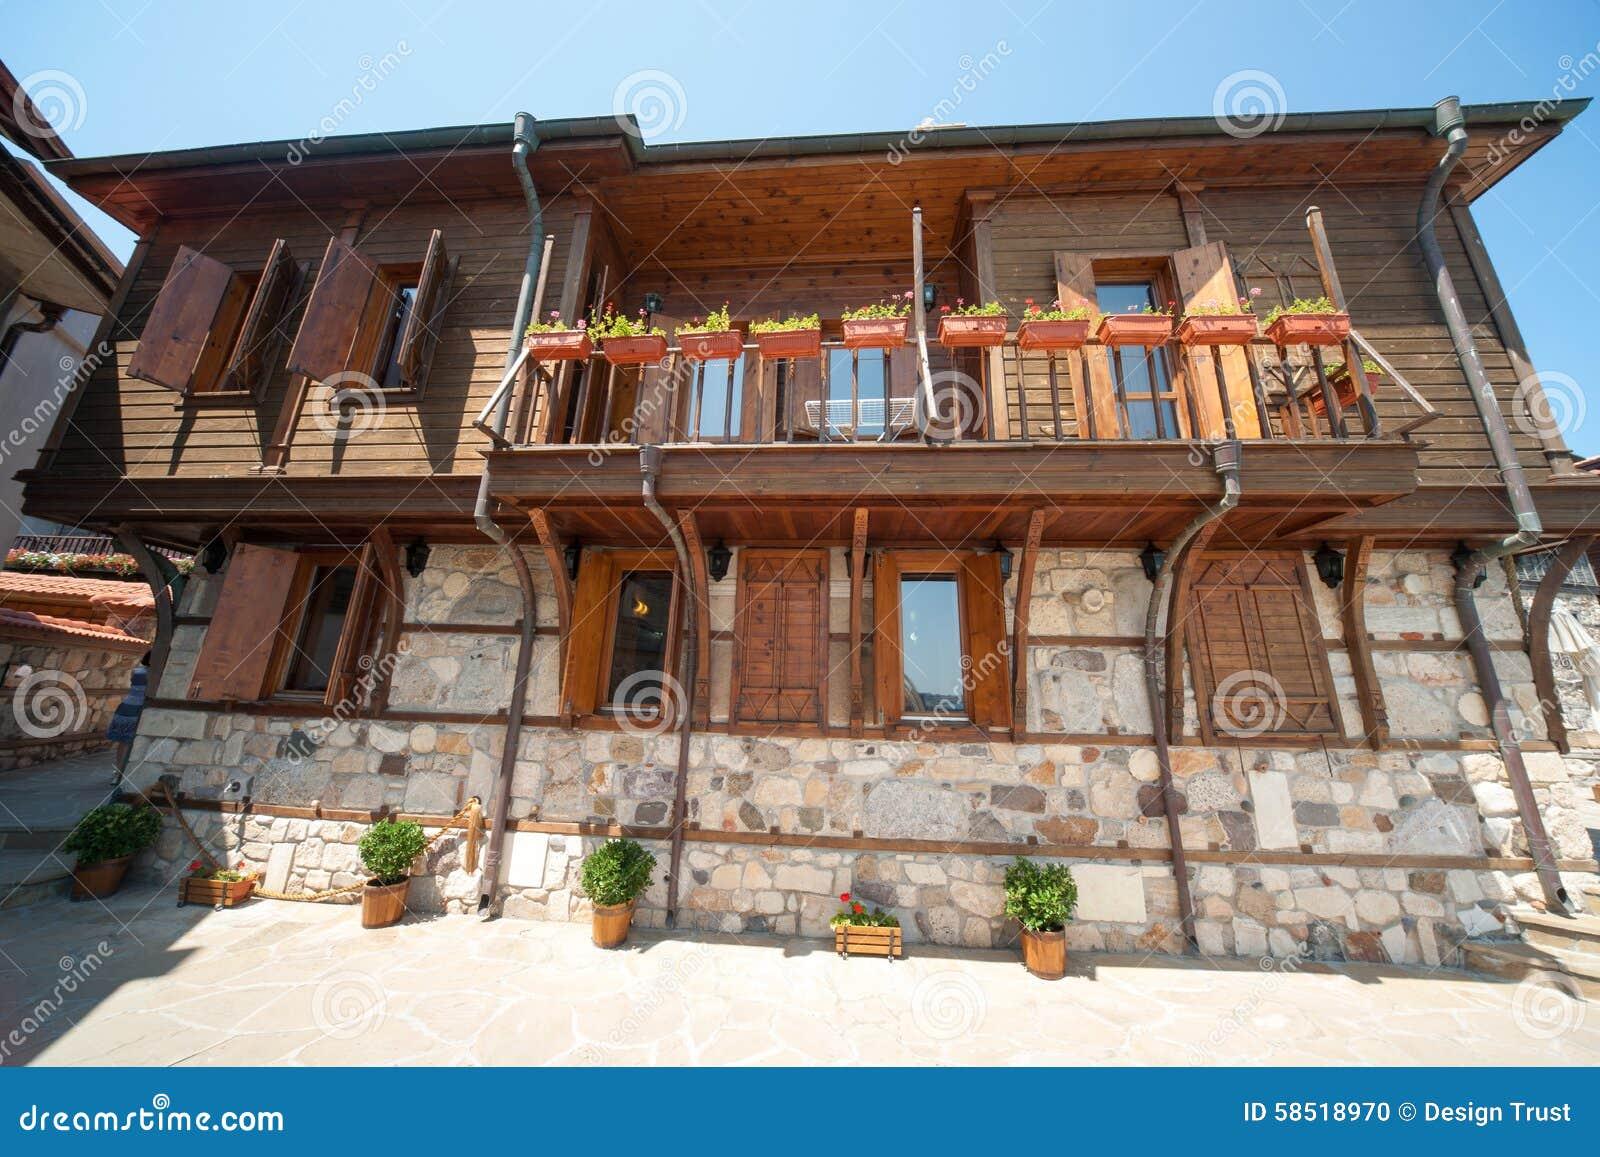 Architetti Famosi Antichi architettura del pietra-legno sul lungomare di vecchia città